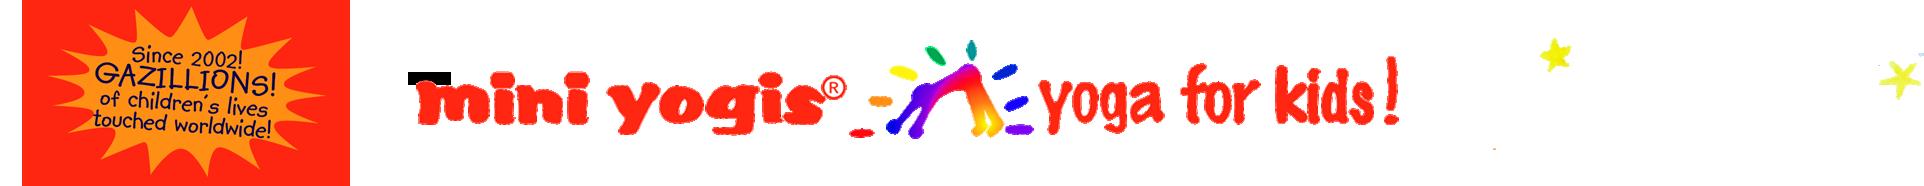 mini yogis®